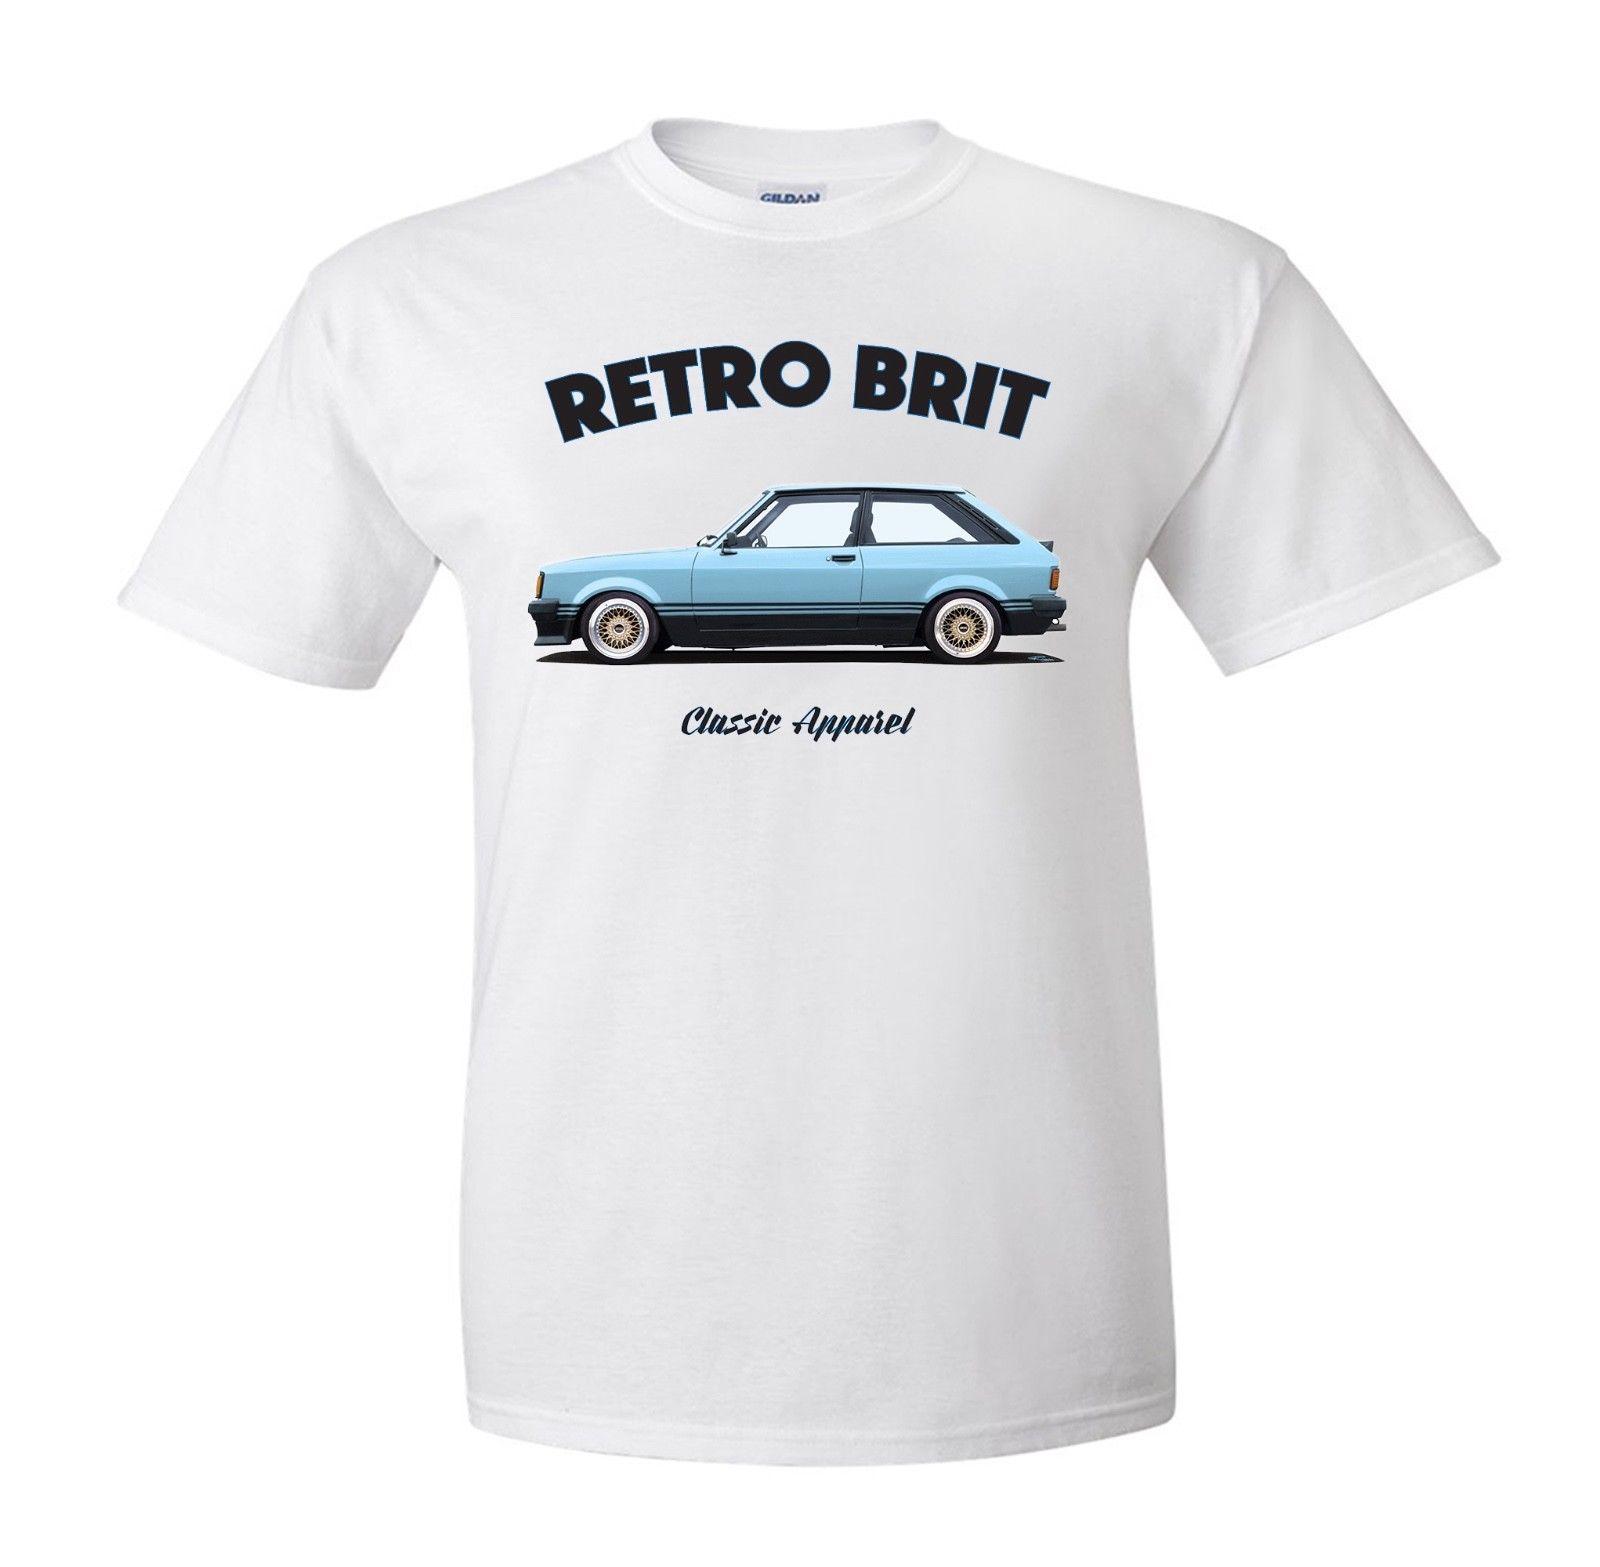 Camiseta de los hombres Summ clásico fans de coches americanos Talbot rayo de sol Ti camiseta Retro Brit ¡Coche clásico! Camiseta de Campeón de Rally